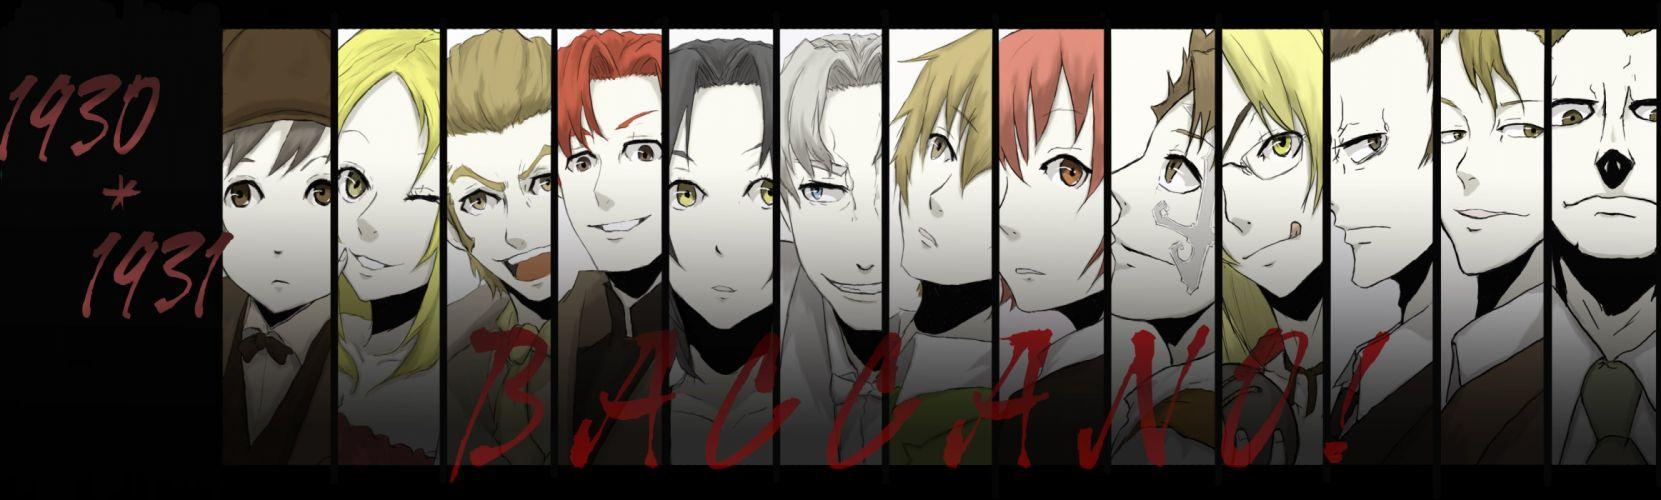 Baccano! anime wallpaper